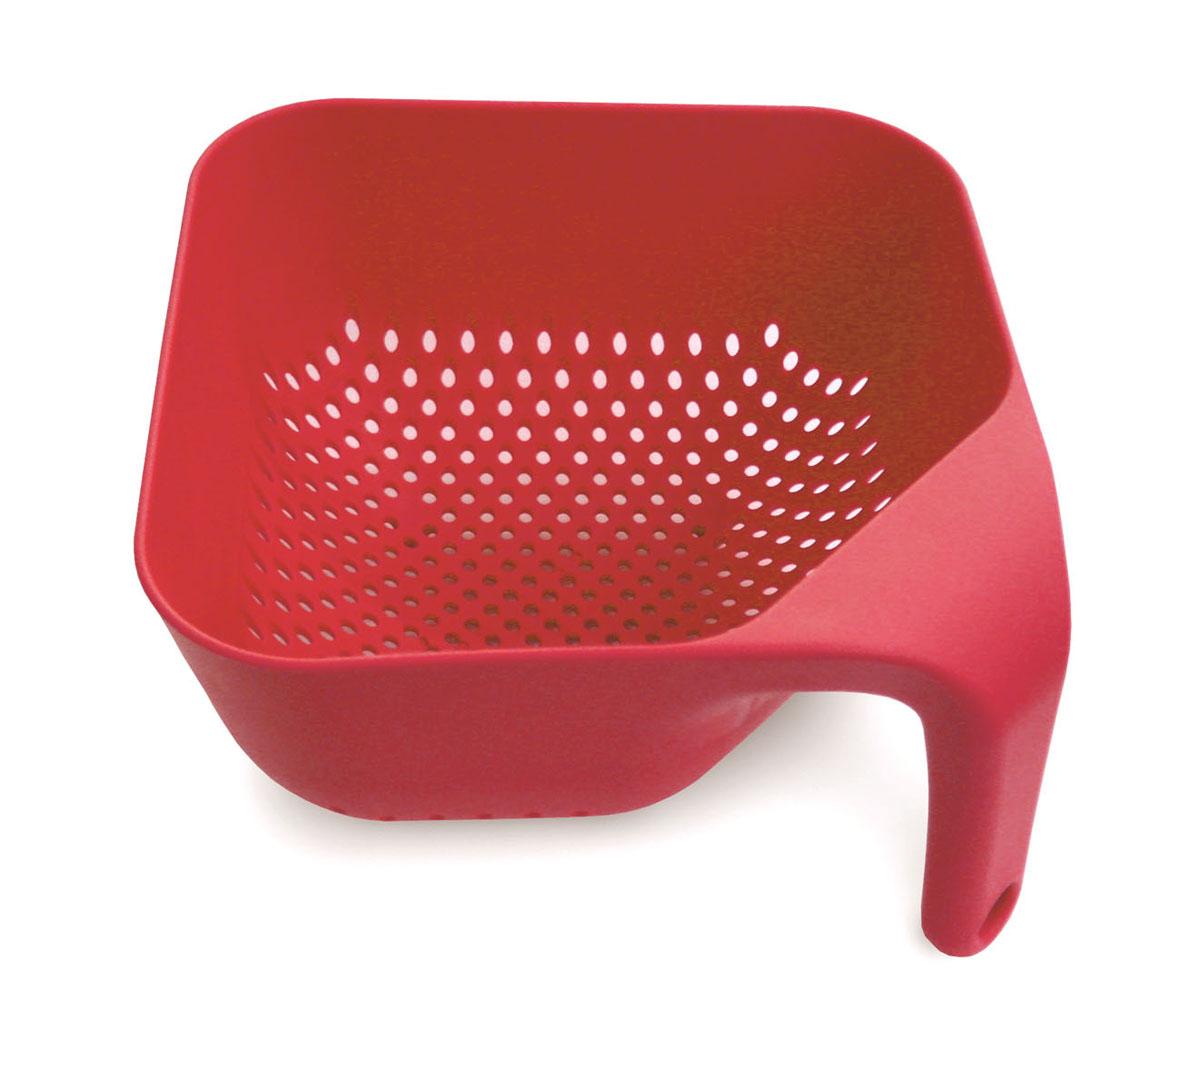 Дуршлаг Joseph Joseph, квадратный, цвет: красный, 20 х 20 смSRCOL016SWКвадратный дуршлаг Joseph Joseph изготовлен из прочного пищевого пластика. Изделие имеет три удобные ножки для лучшей устойчивости, а также ручку эргономичной формы. Благодаря особой форме отверстий оттуда быстро выливается вся жидкость. Форма для дуршлага необычная, но это делает его уникальным предметом, который призван облегчить работу на кухне. Красивый и удобный дуршлаг Joseph Joseph станет достойным дополнением к вашим кухонным аксессуарам. Можно мыть в посудомоечной машине.